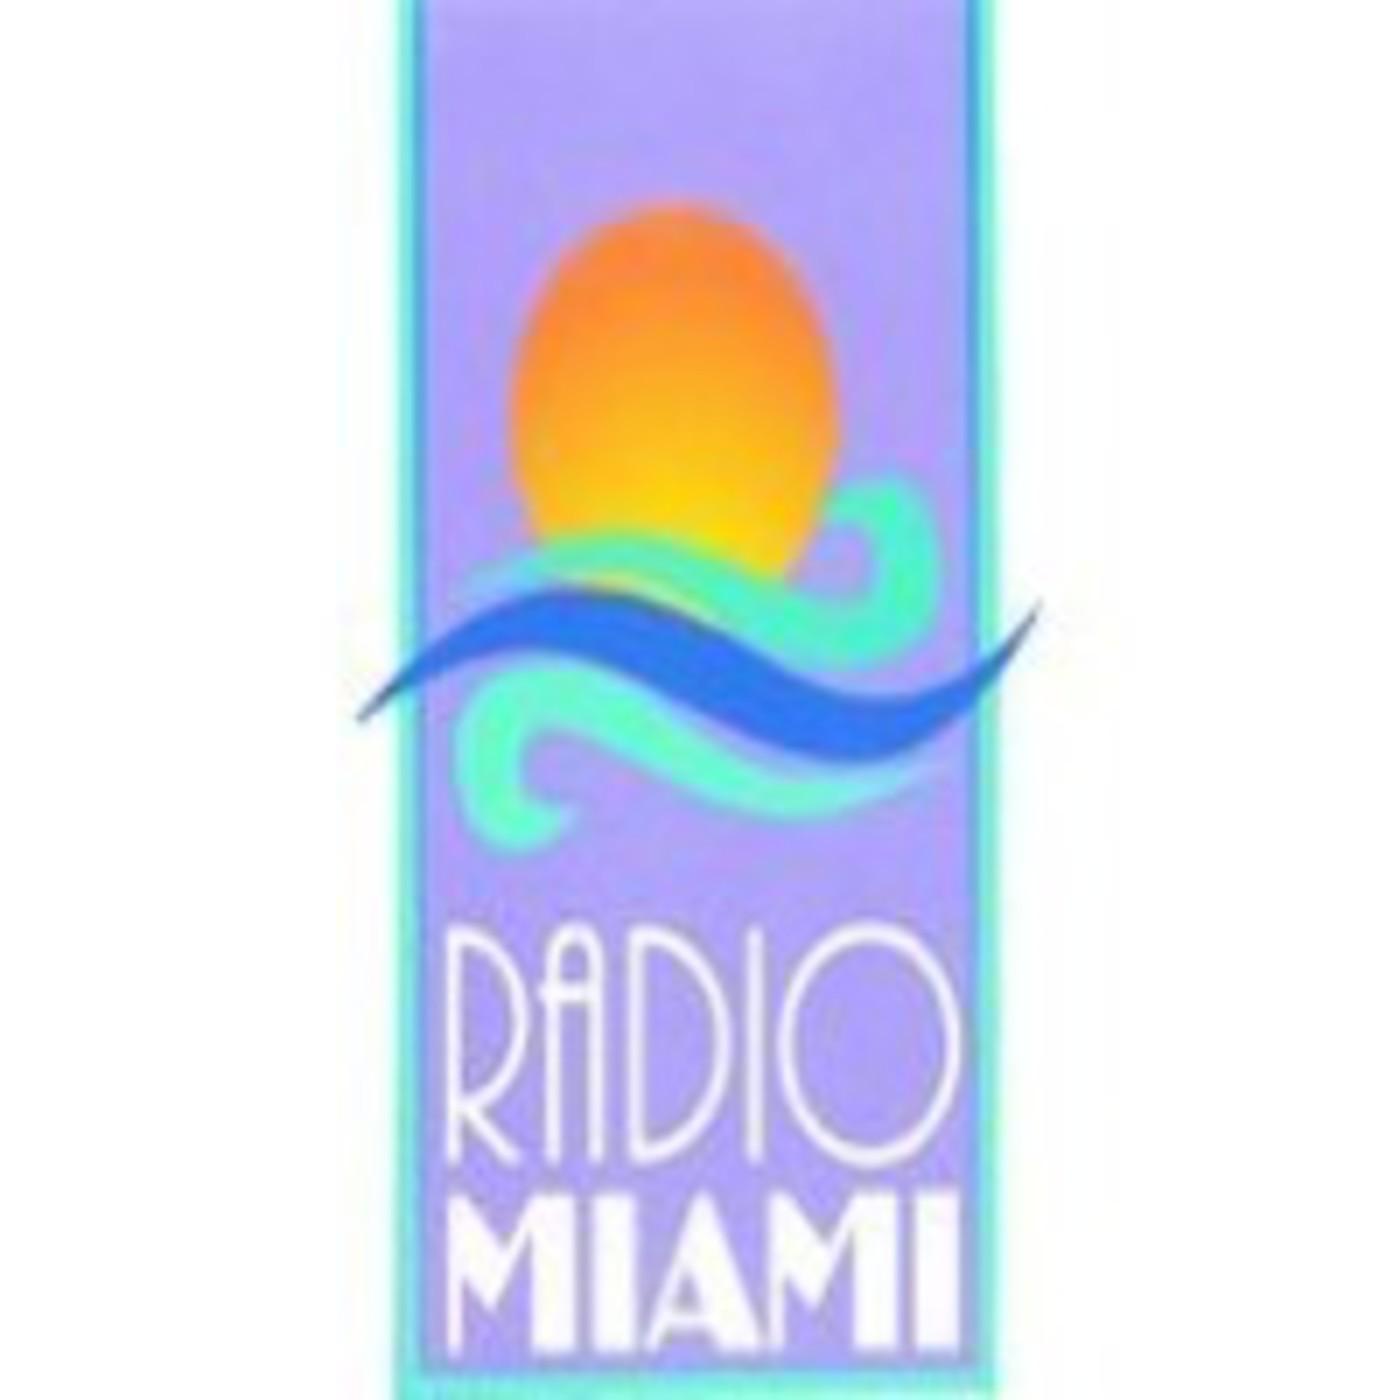 Radio Miami Int'l. Embargo de fondos argentinos en EEUU.